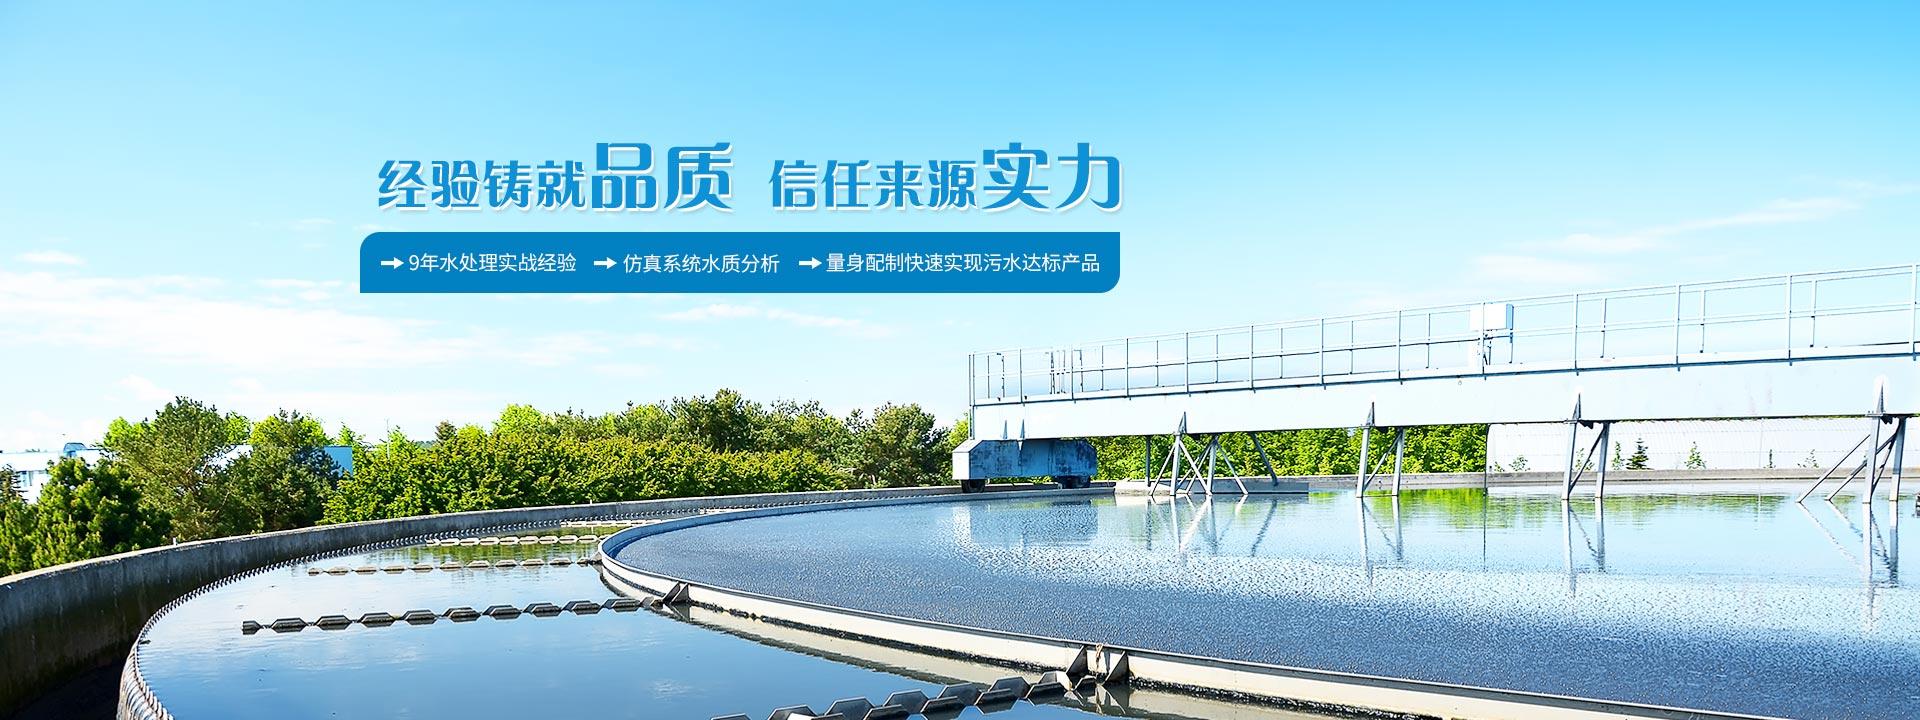 氨氮去除剂,cod去除剂,除磷剂,重金属捕捉剂-广州希洁环保